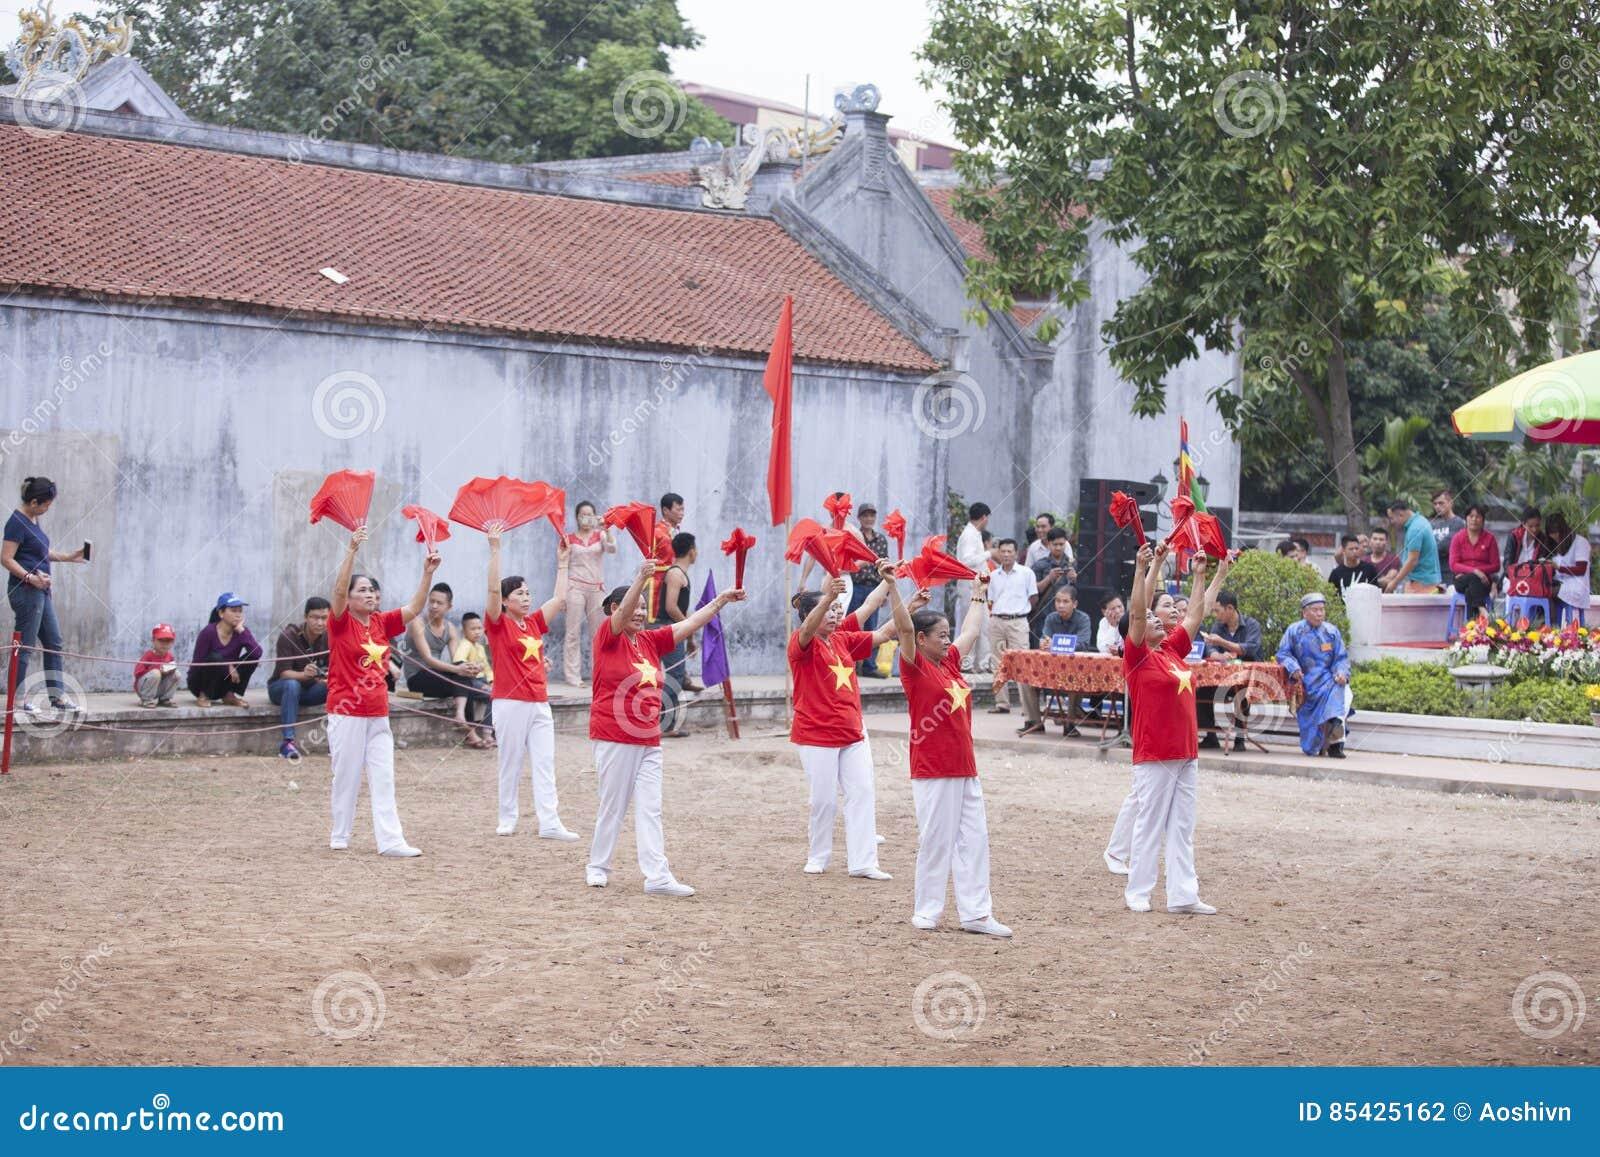 Παλαιός βιετναμέζικος χορός γυναικών με τον ανεμιστήρα στο σεληνιακό νέο έτος φεστιβάλ στο Ανόι, Βιετνάμ